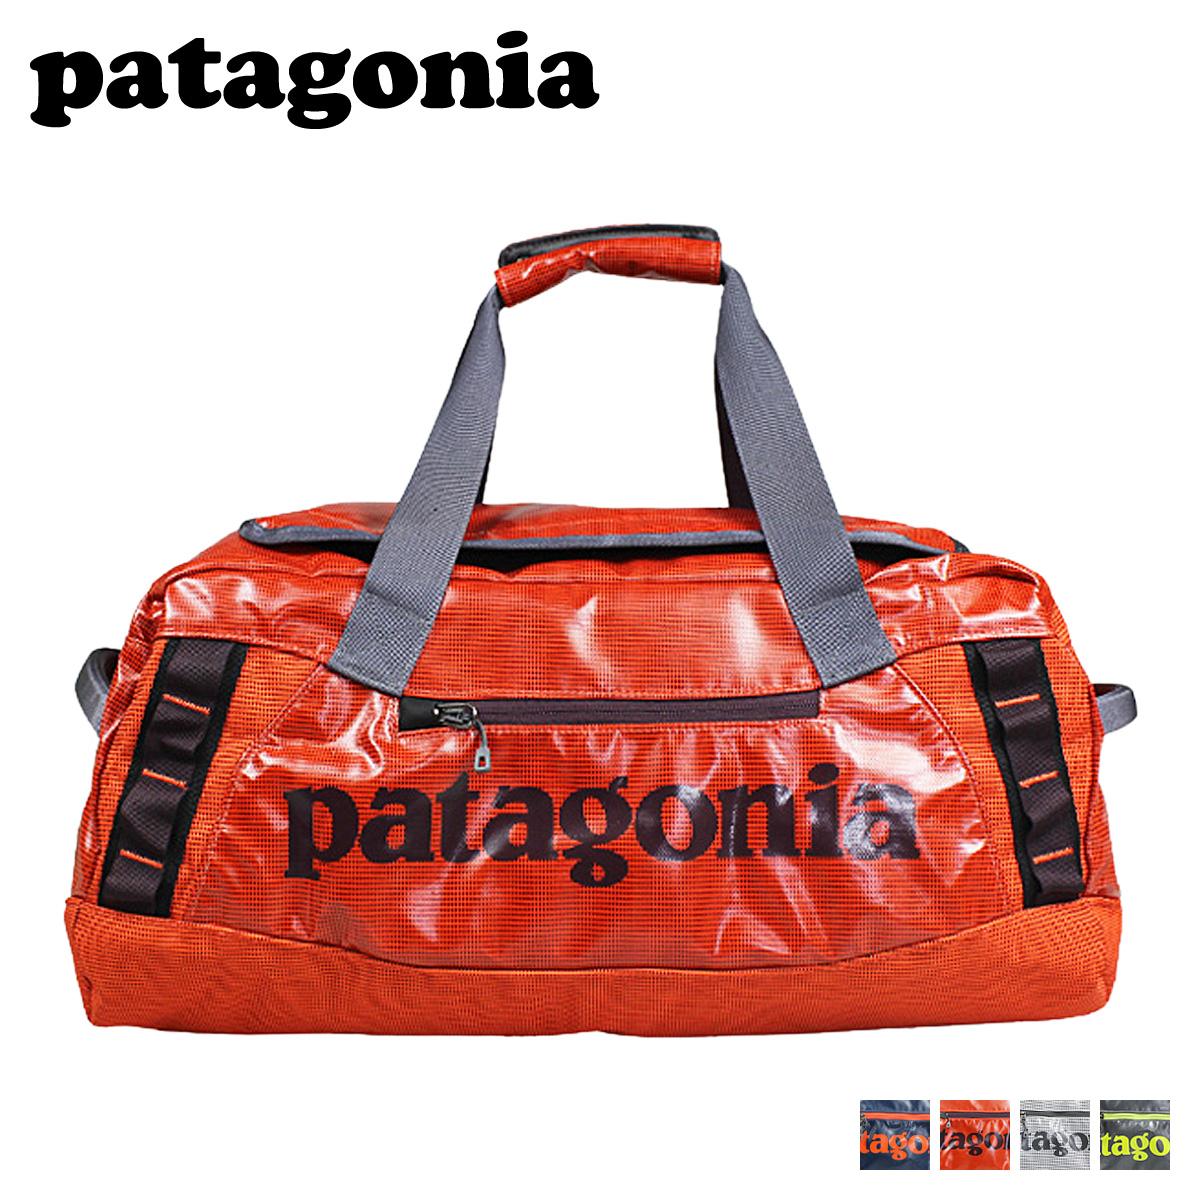 巴塔哥尼亚巴塔哥尼亚的行李袋 [4 色] 49335 黑洞行李袋 45 L 男式女式波士顿包男女皆宜